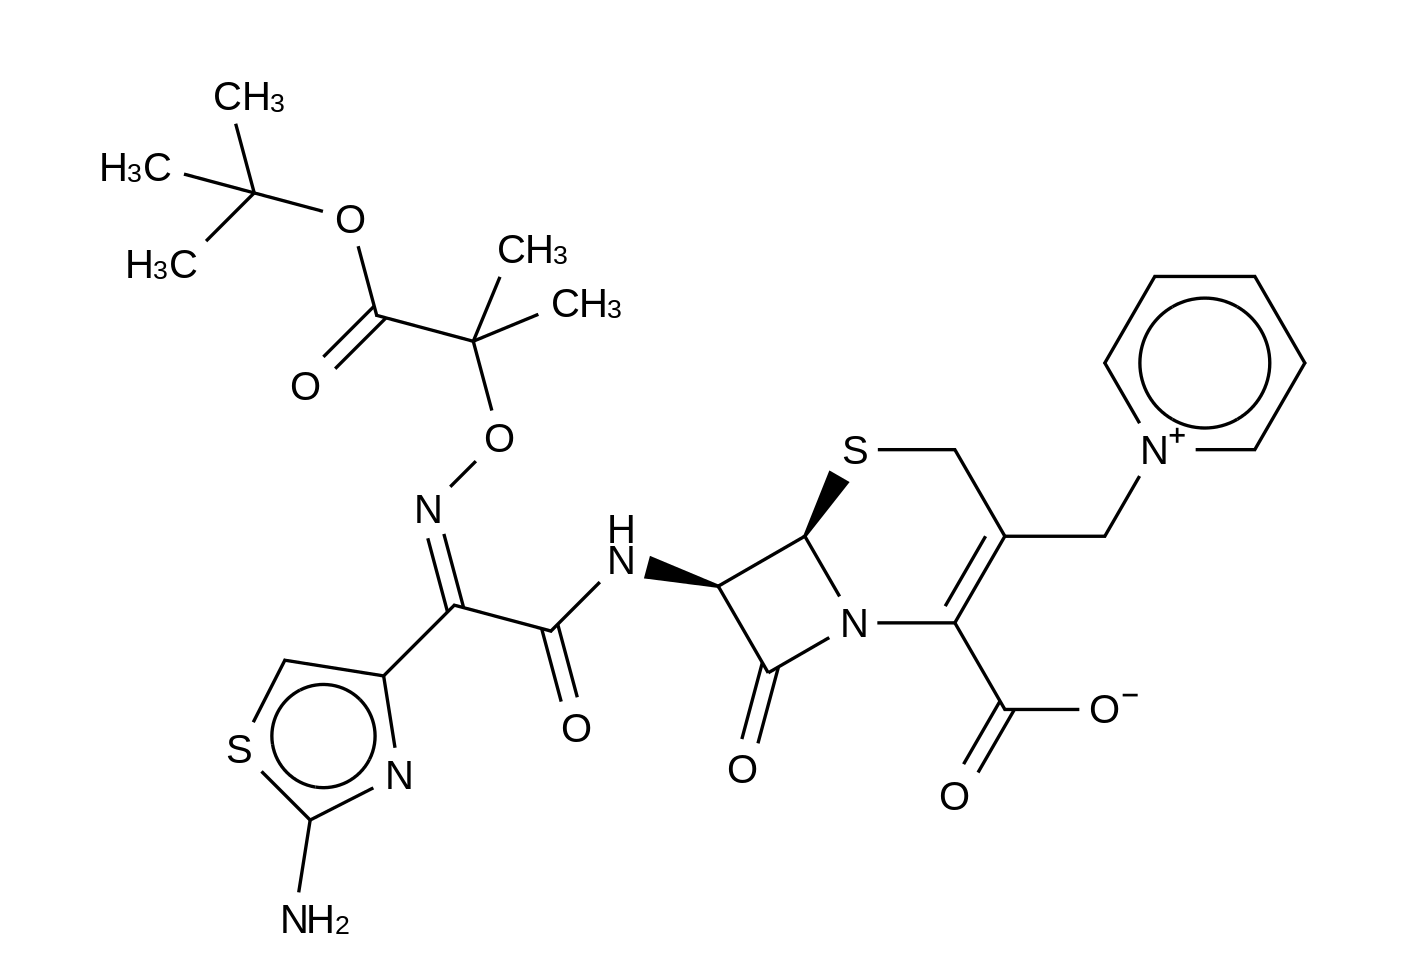 Ceftazidime t-butyl ester